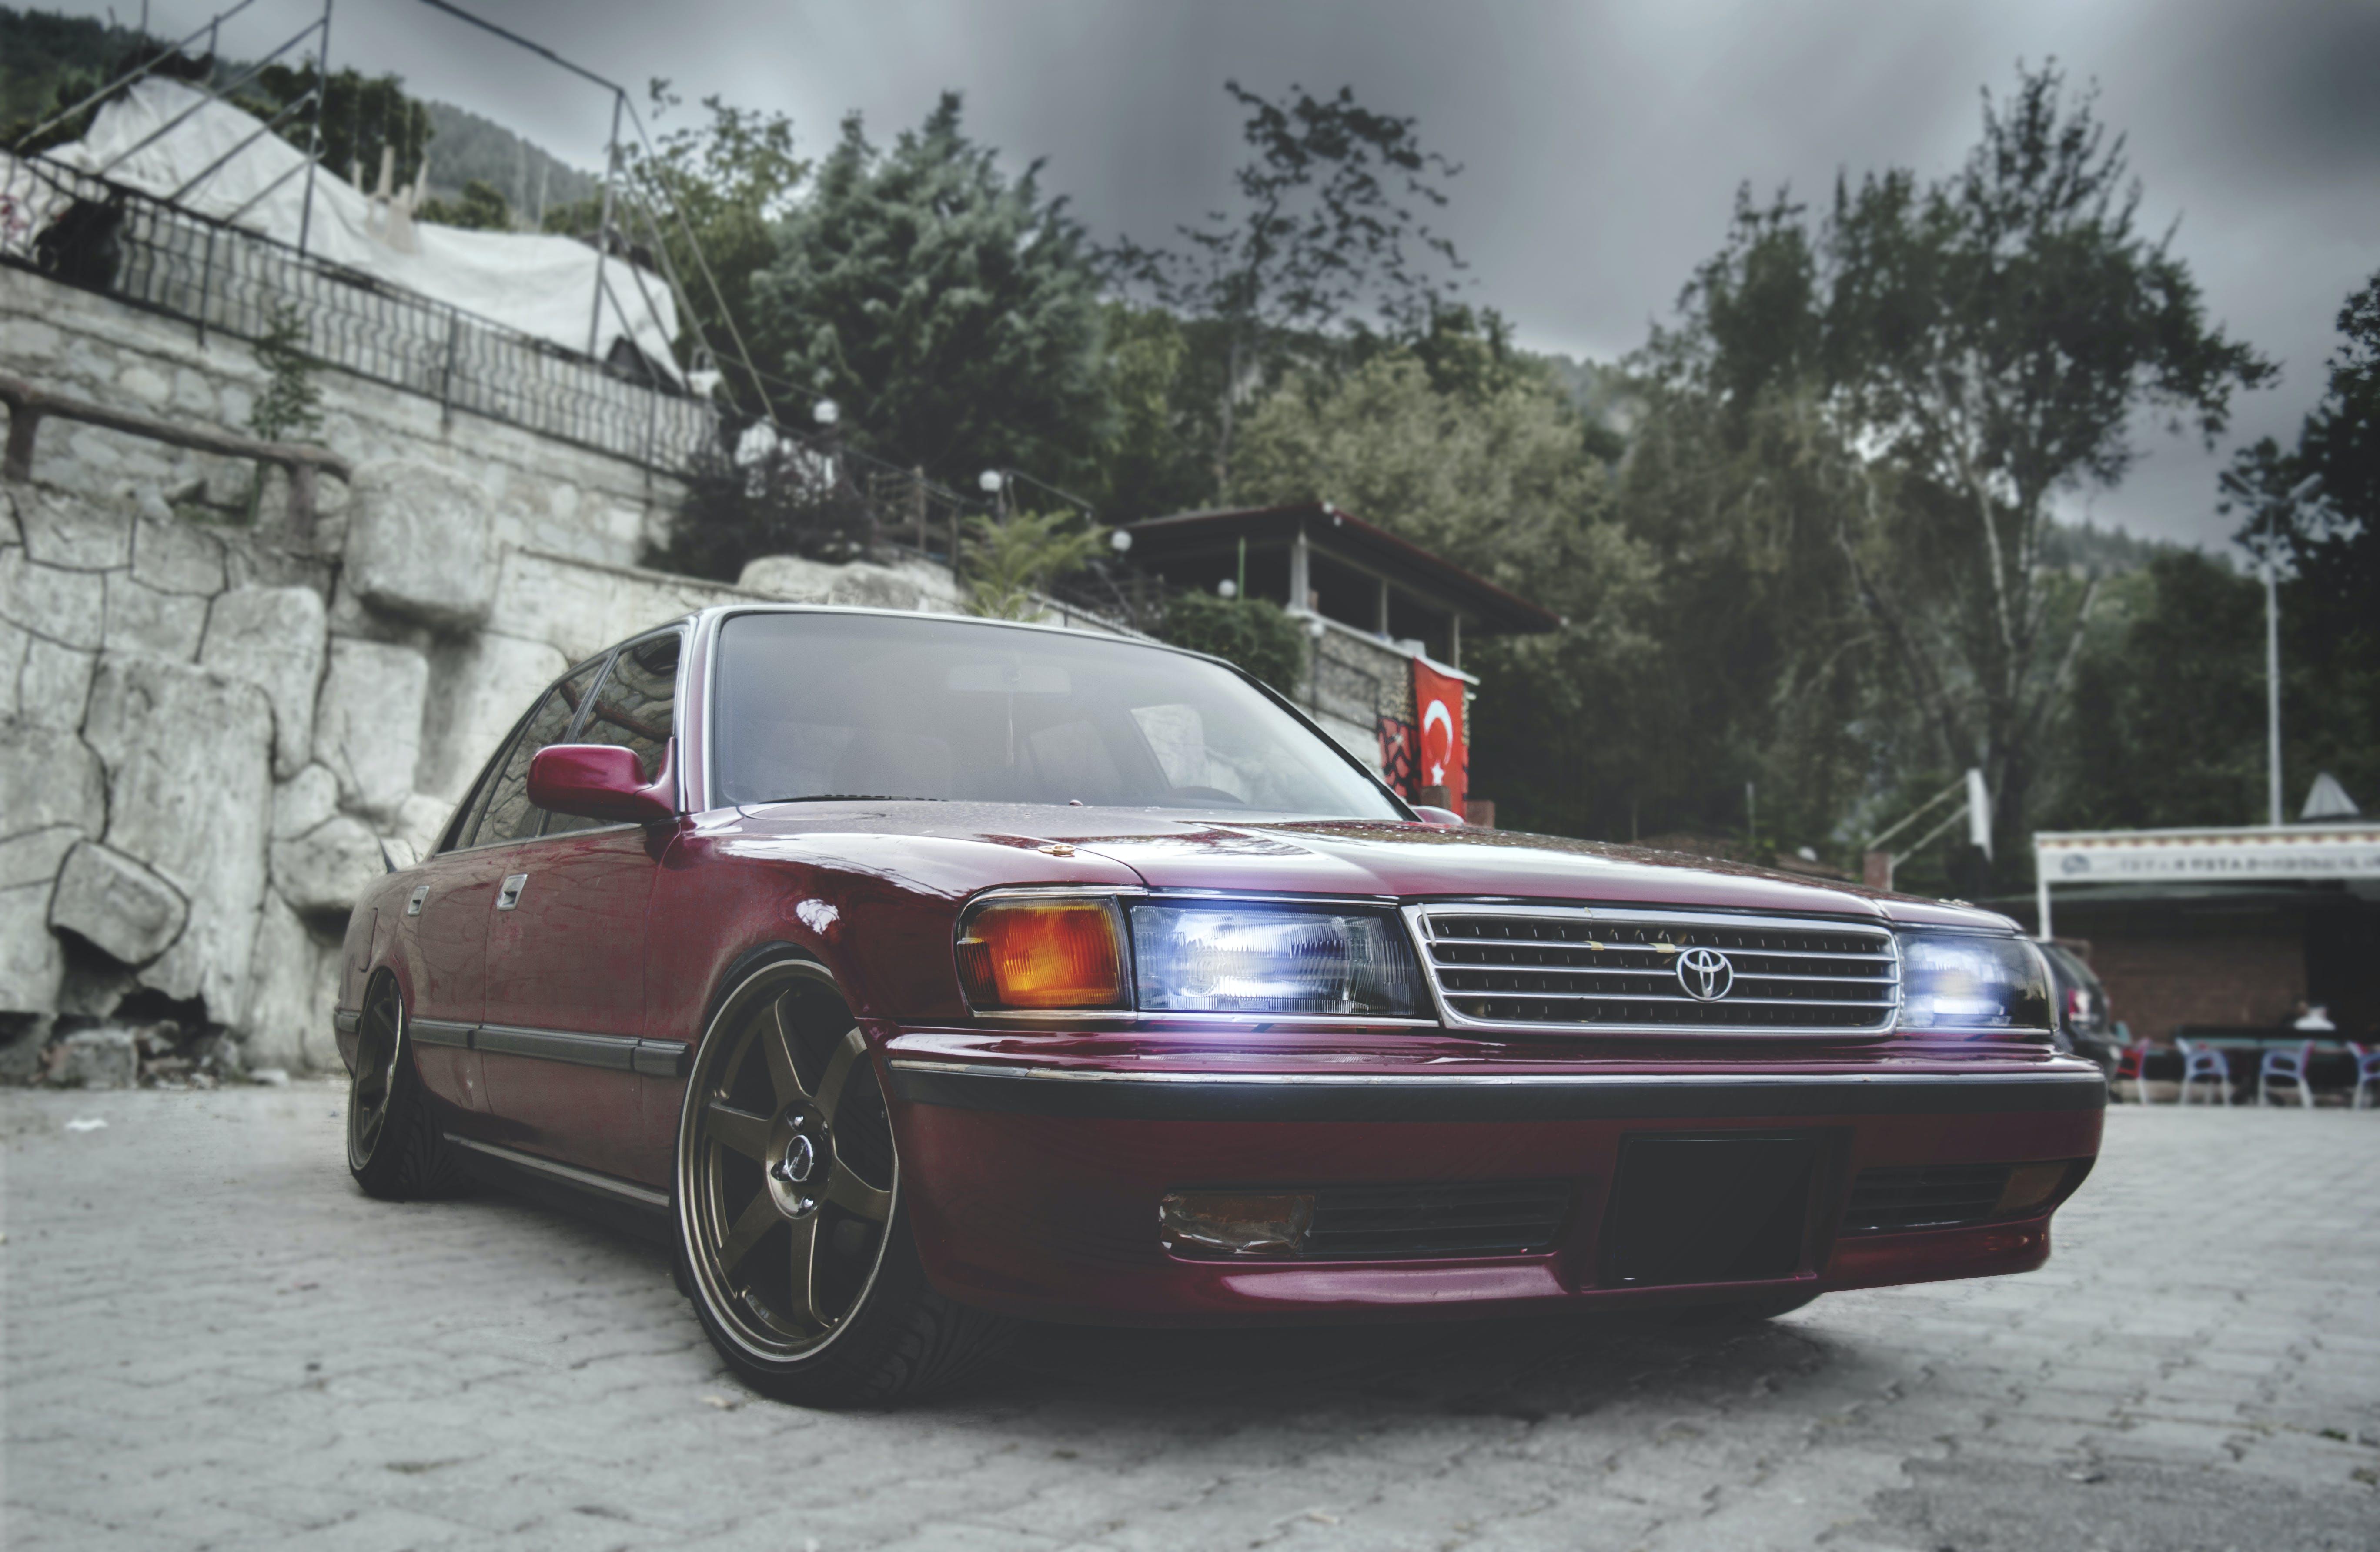 asphalt, automotive, car